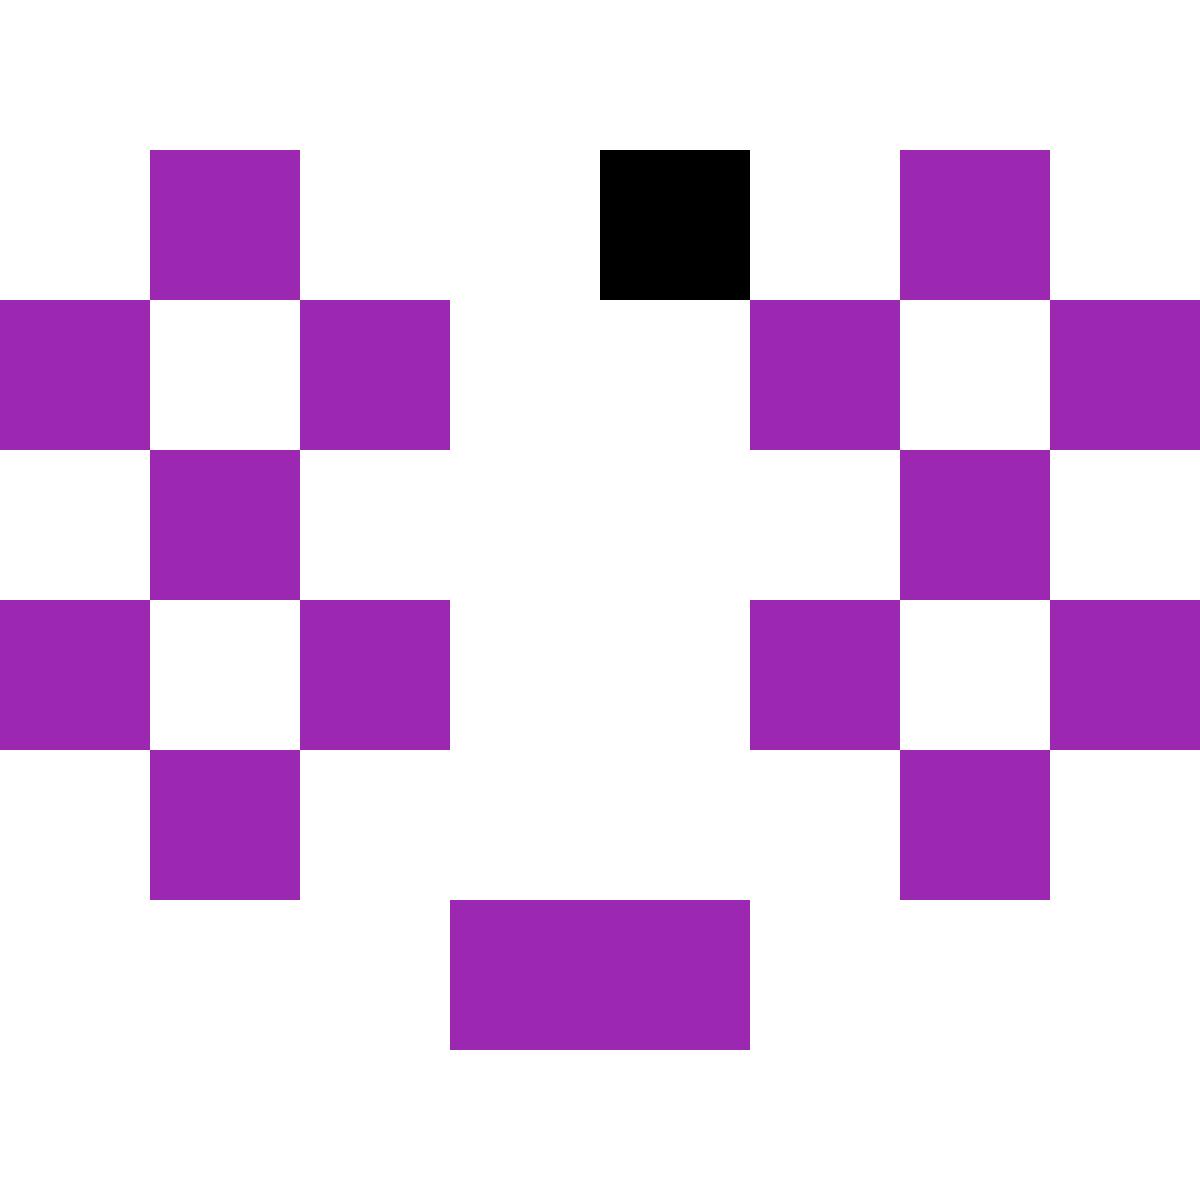 8x8 by 360slam